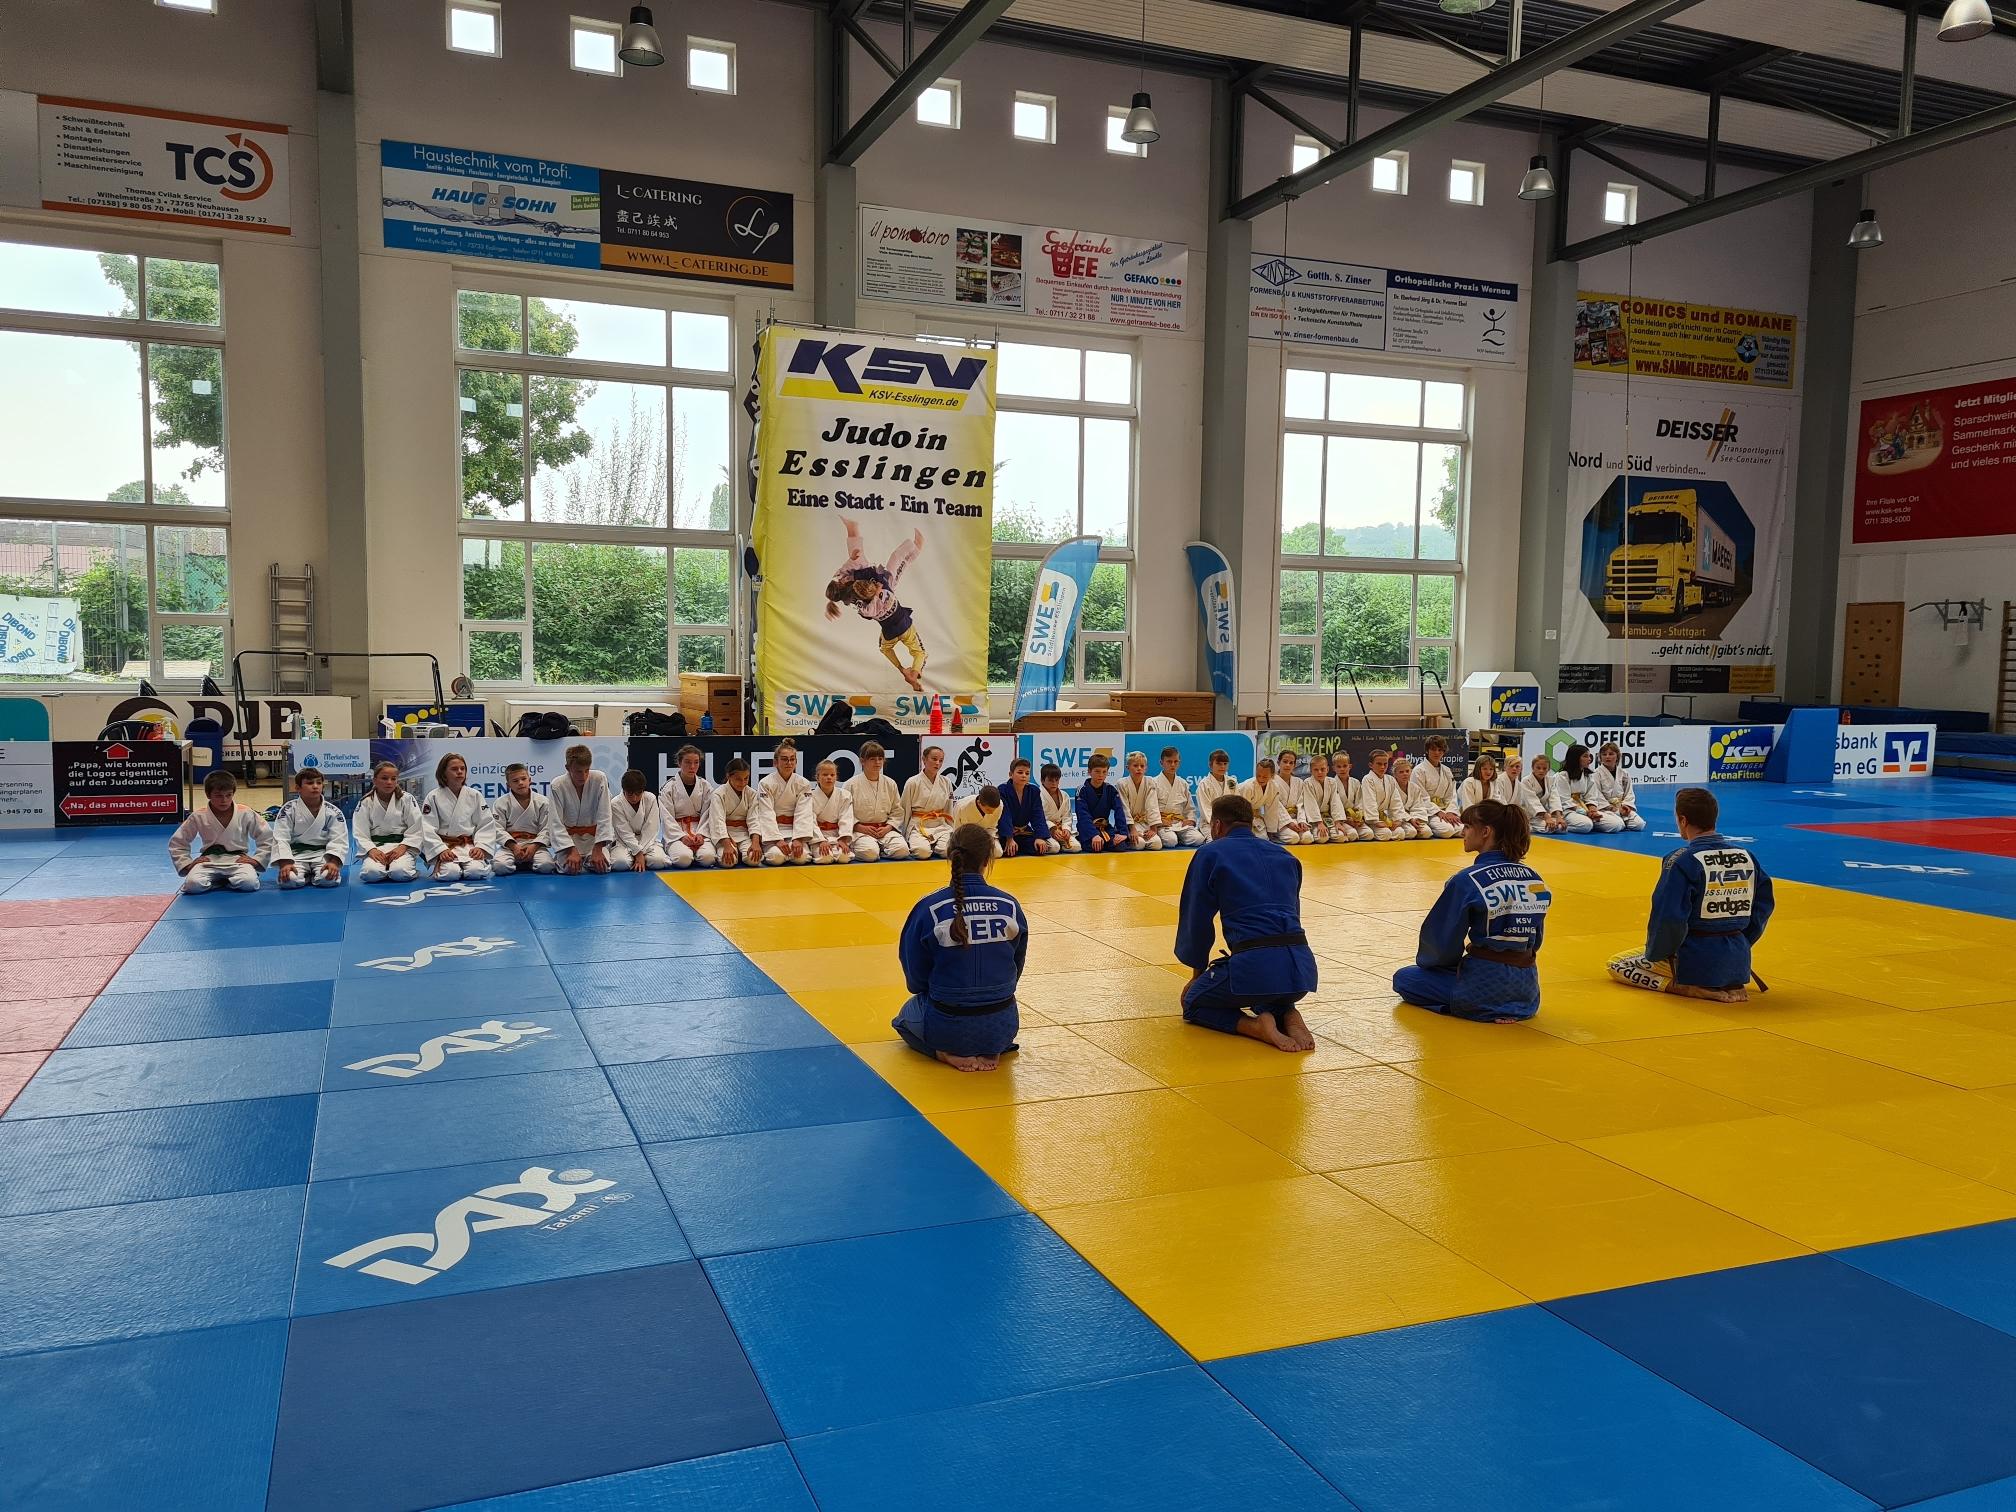 Ippon Girls - Power Boys Lehrgang beim KSV Esslingen